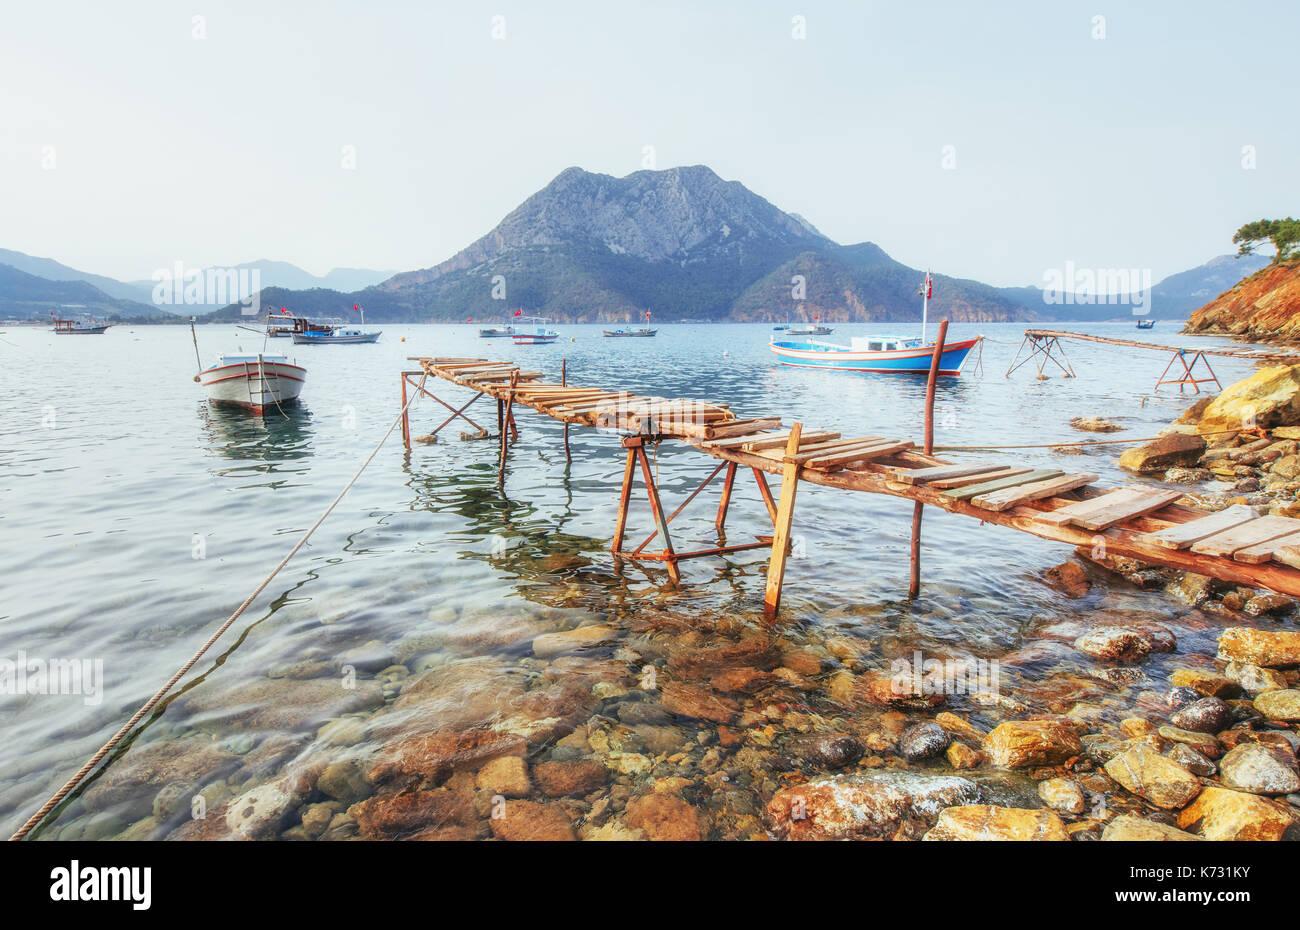 Bateaux près de la jetée de cassé, la mise dans un calme paisible de l'eau de mer bleue Photo Stock